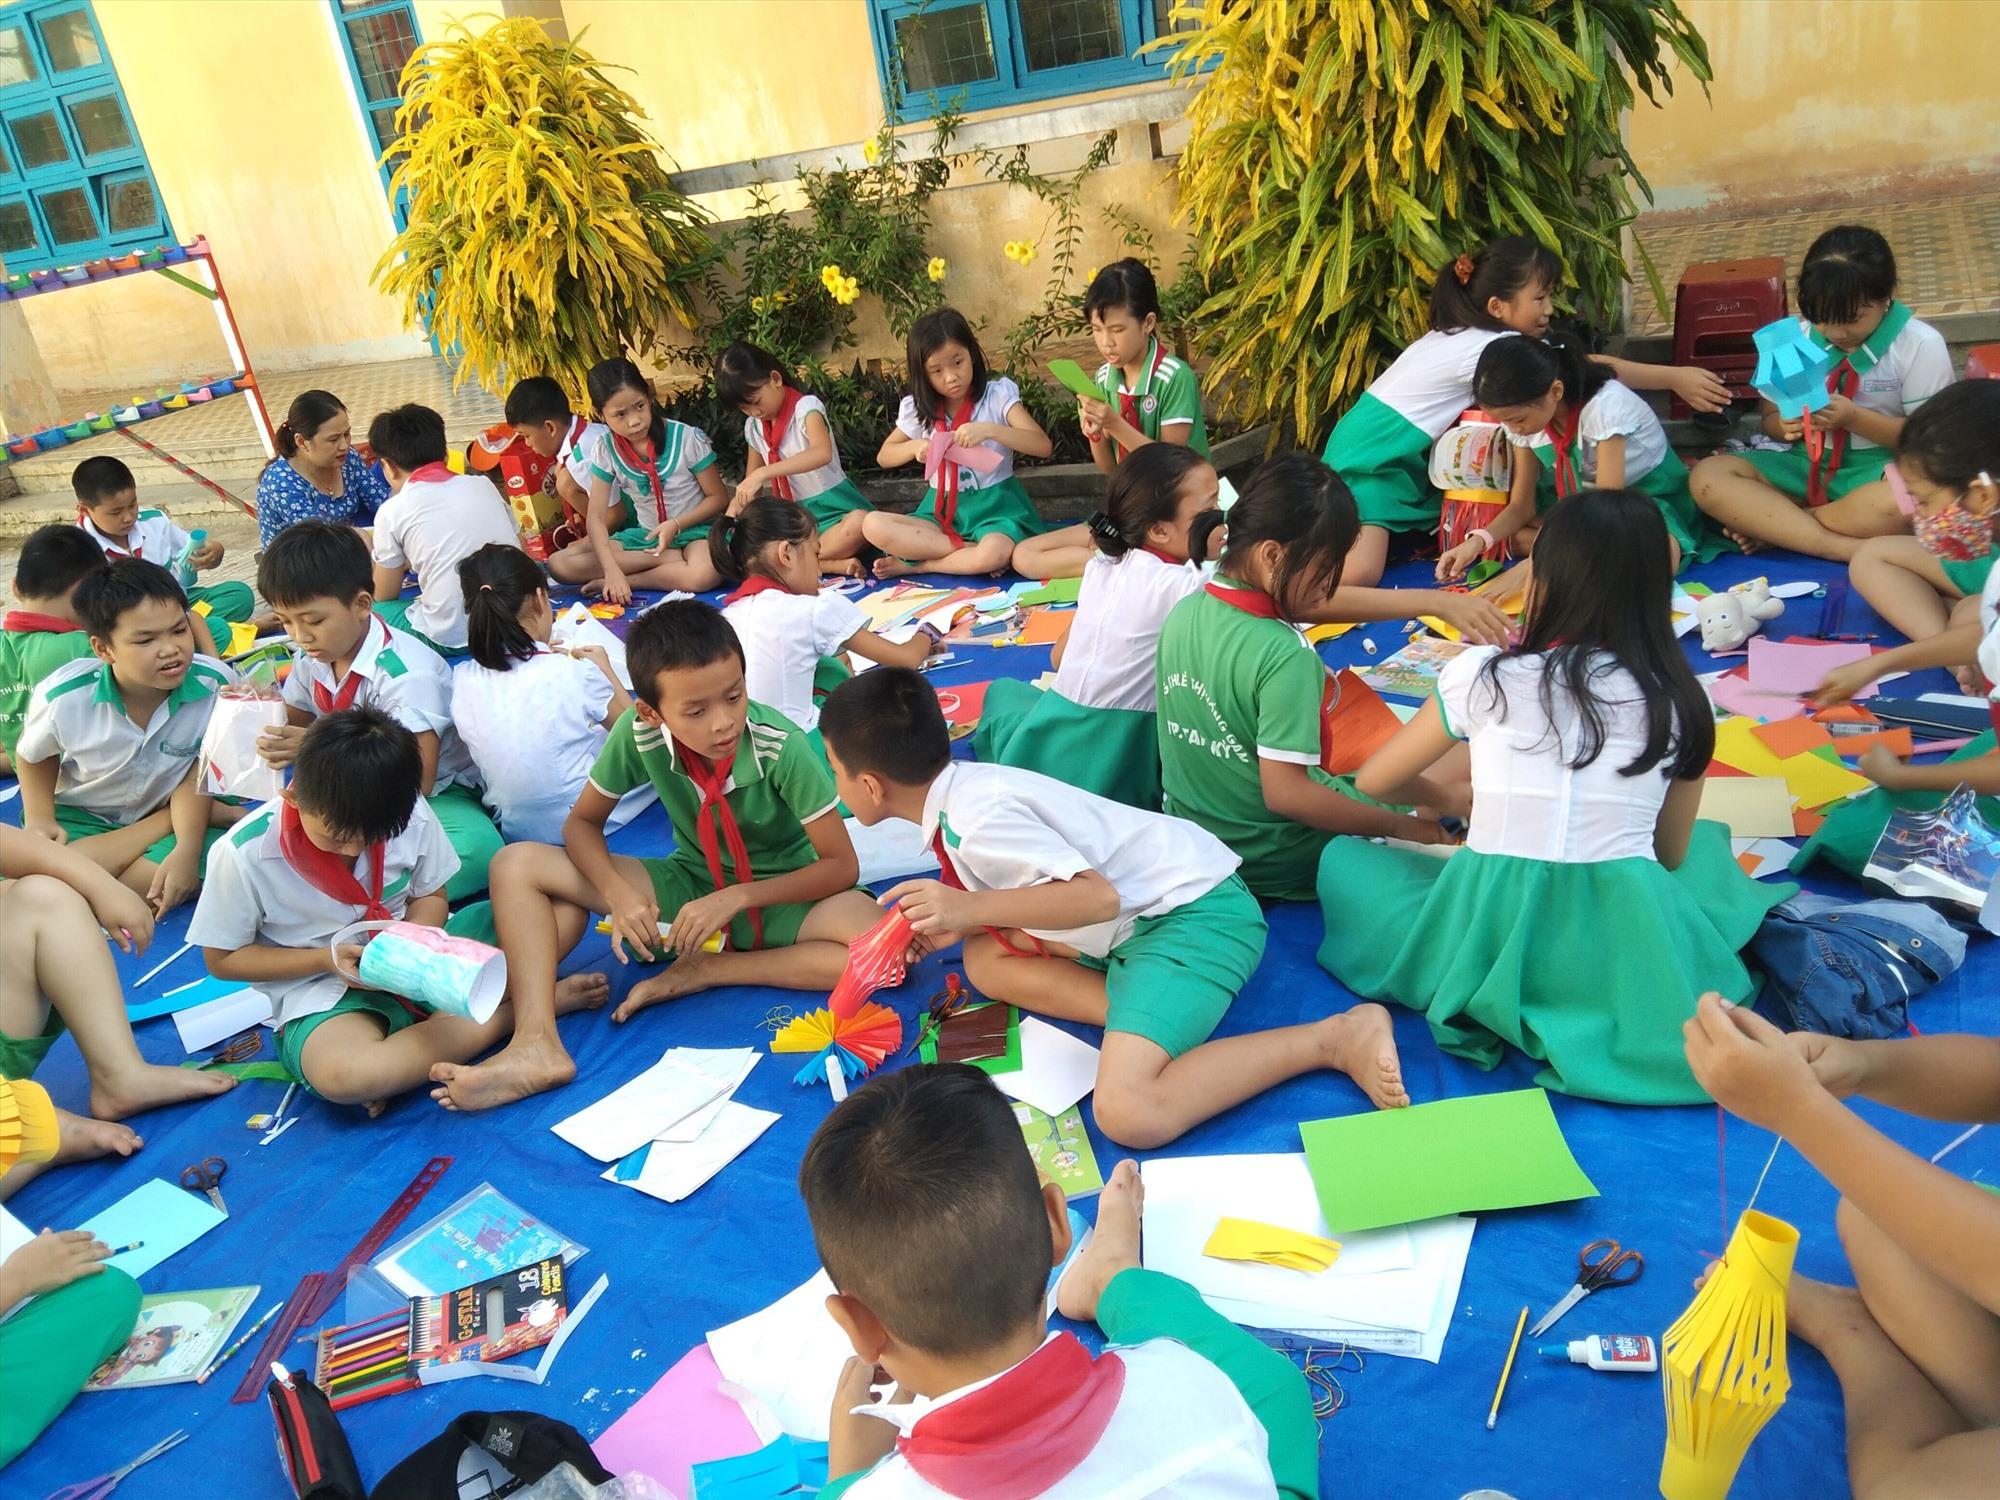 Học sinh Trường Tiểu học Lê Thị Hồng Gấm (Tam Kỳ) trải nghiệm làm lồng đèn. Ảnh: C.N